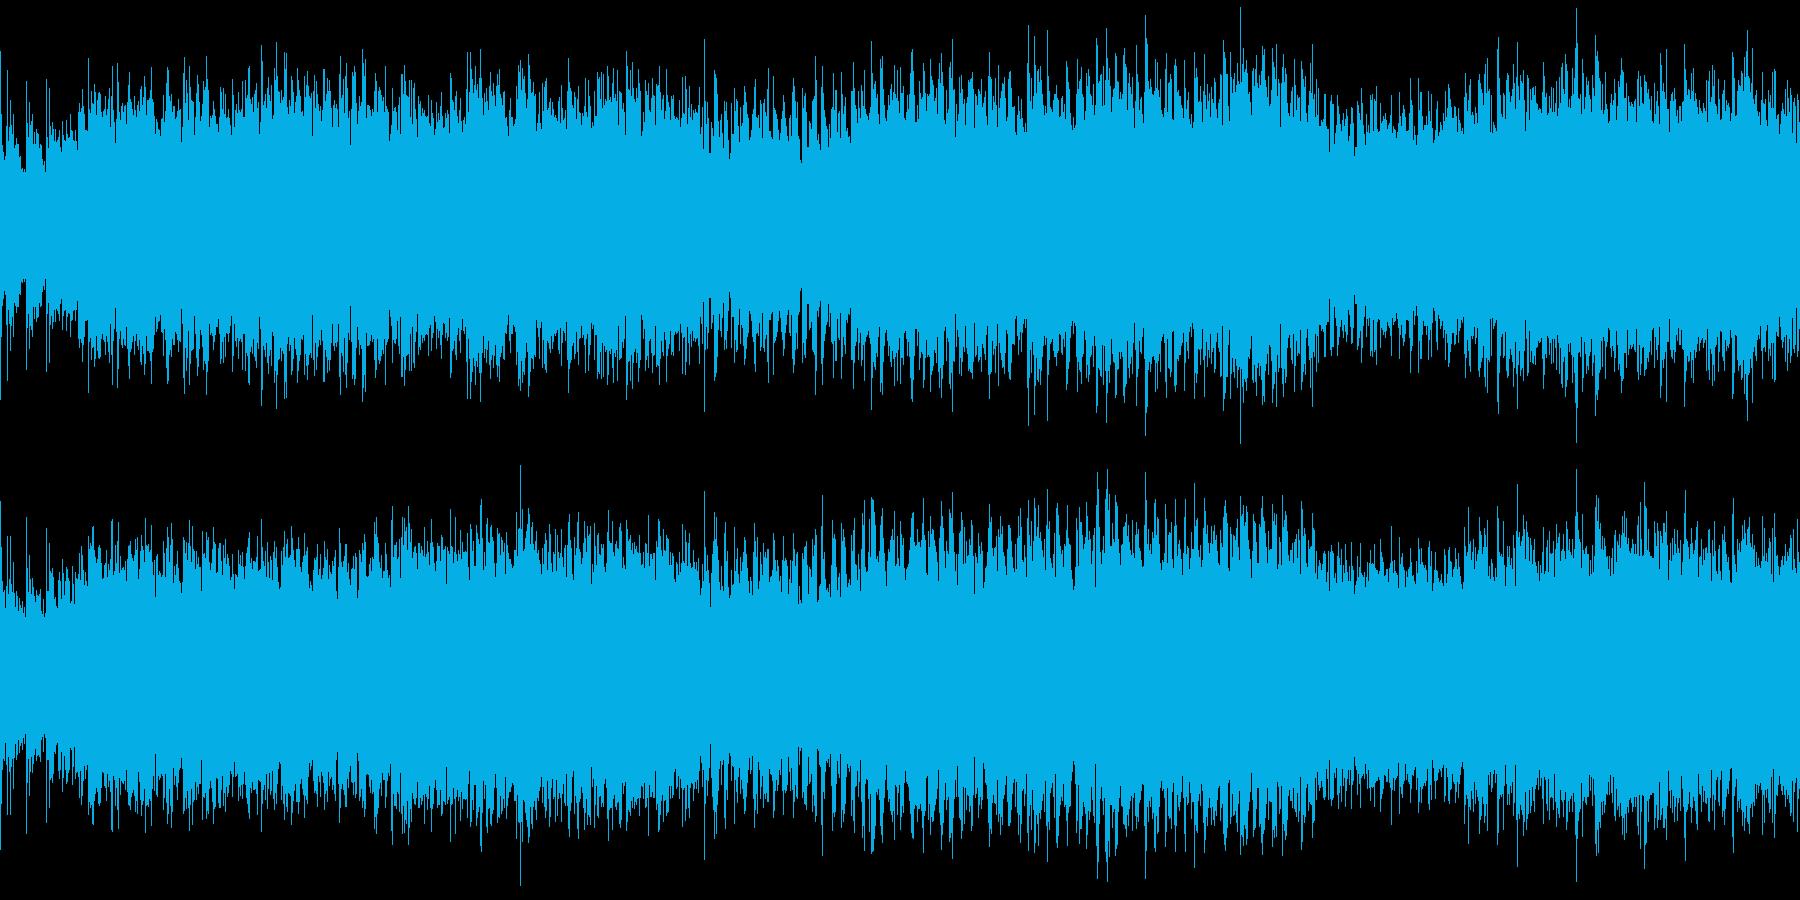 草原をイメージした民族調風のループ曲ですの再生済みの波形